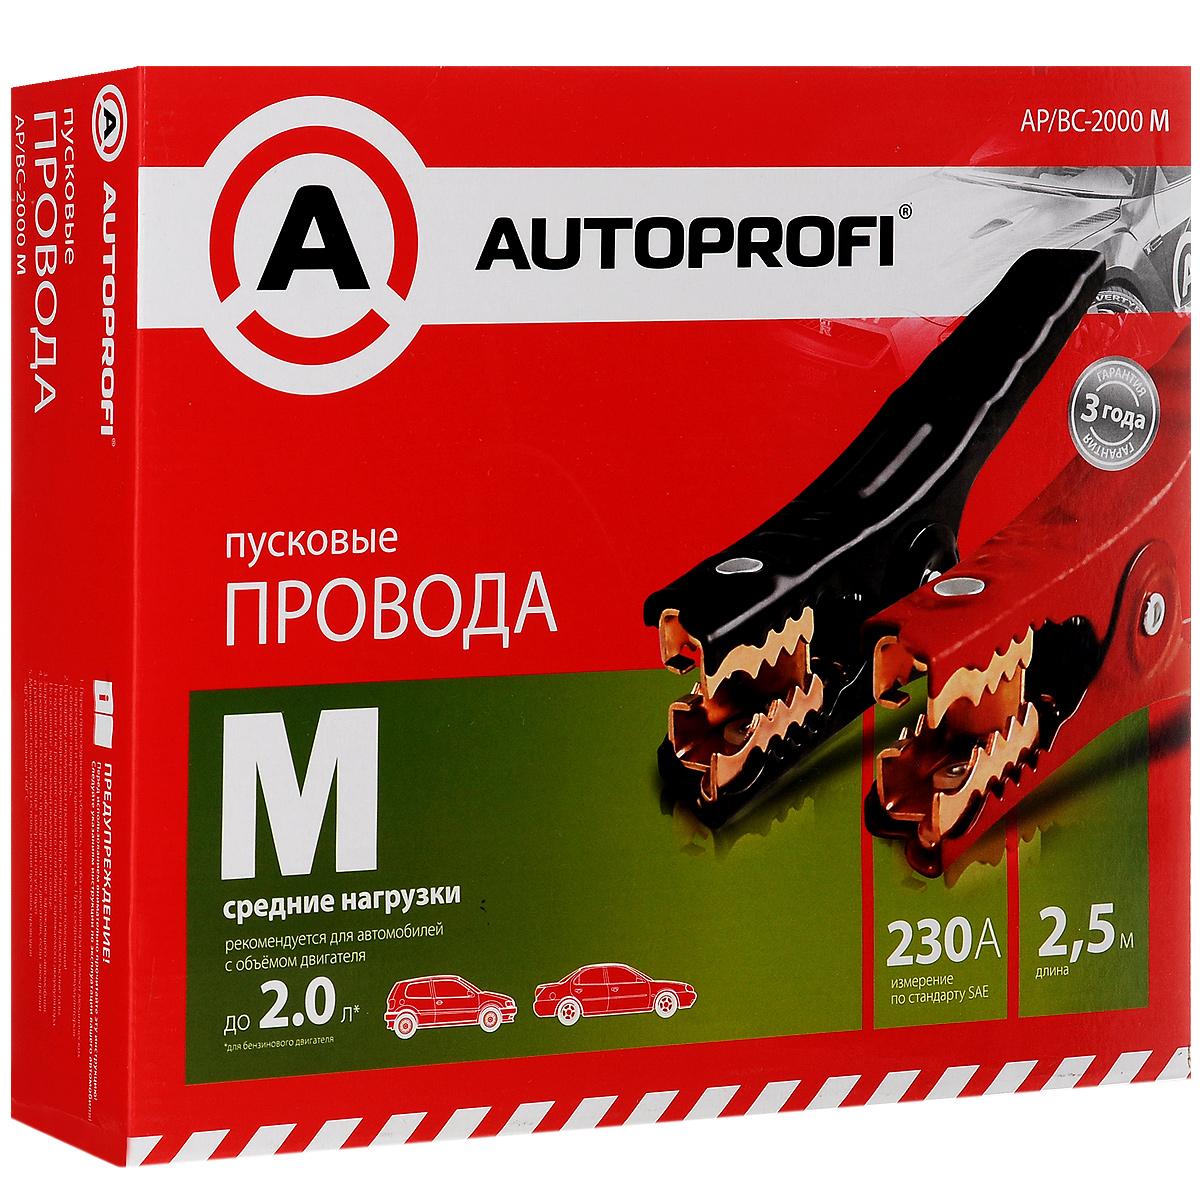 Провода пусковые Autoprofi М, средние нагрузки, 8,37 мм2, 230 A, 2,5 м2012506200424Пусковые провода Autoprofi М сделаны по американскому стандарту SAE J1494. Это значит, что падение напряжение ни при каких условиях не превышает 2,5 В. Ручки пусковых проводов не нагреваютсядо уровня, способного навредить человеку. Технологически это достигается использованием проводов из толстой алюминиевой жилы с медным напылением, а также надежной термопластовой изоляцией. Данные провода рекомендованы для автомобилей с бензиновым двигателем объемом до 2 л. Сумка для переноски и хранения в комплекте. Ток нагрузки: 230 А. Длина провода: 2,5 м. Сечение проводника: 8,37 мм2. Диапазон рабочих температур: от -40°С до +60°С.